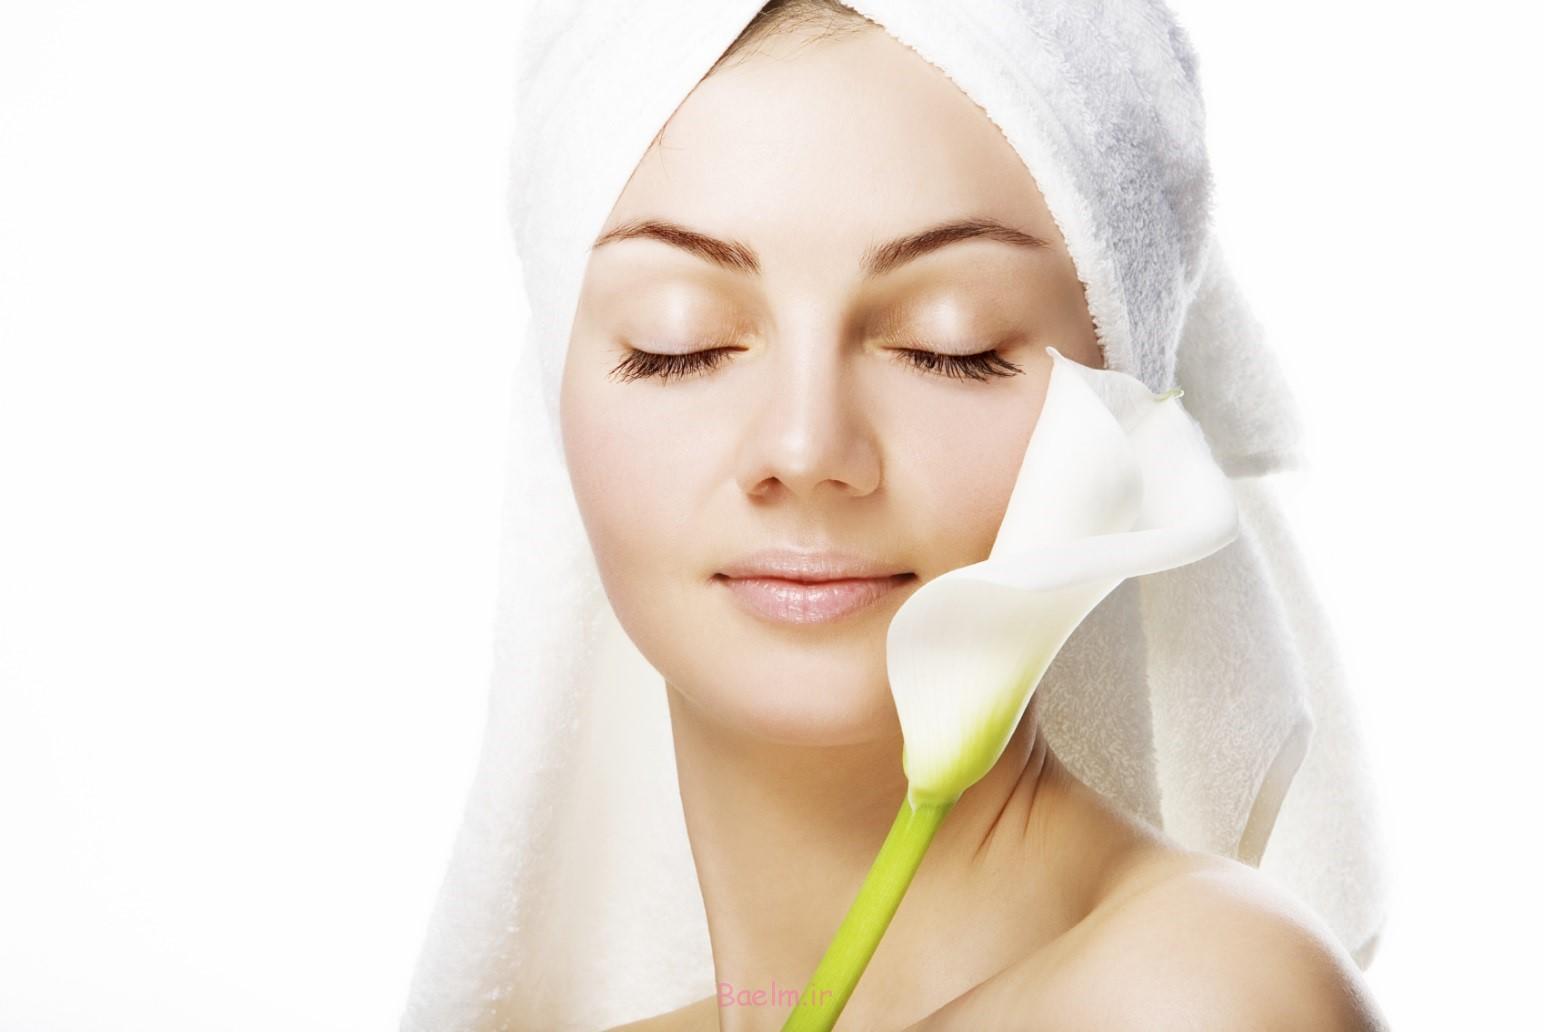 روش هایی برای کاهش و کوچک کردن منافذ پوست